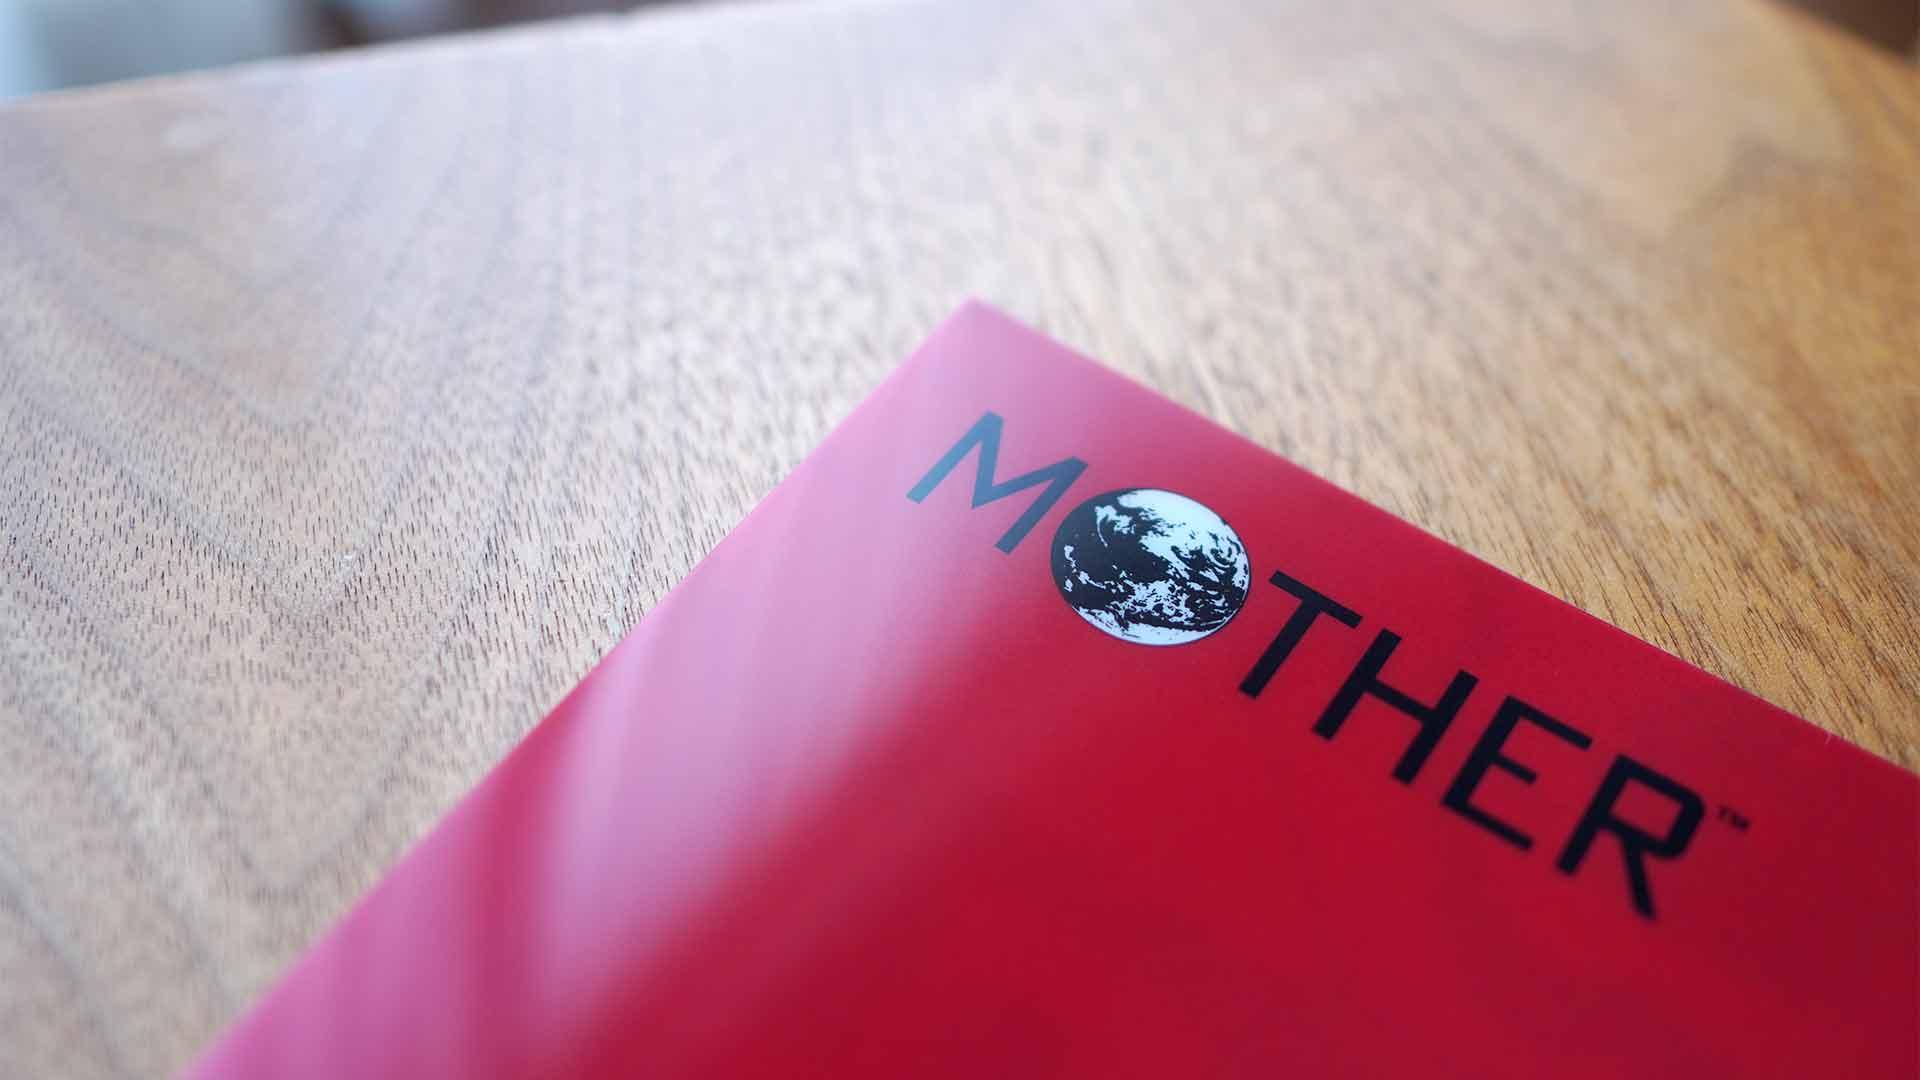 MOTHER2,MOTHERのひろば,ほぼ日,渋谷パルコ,イベント,レトロゲーム,スーパーファミコン,クリアファイル